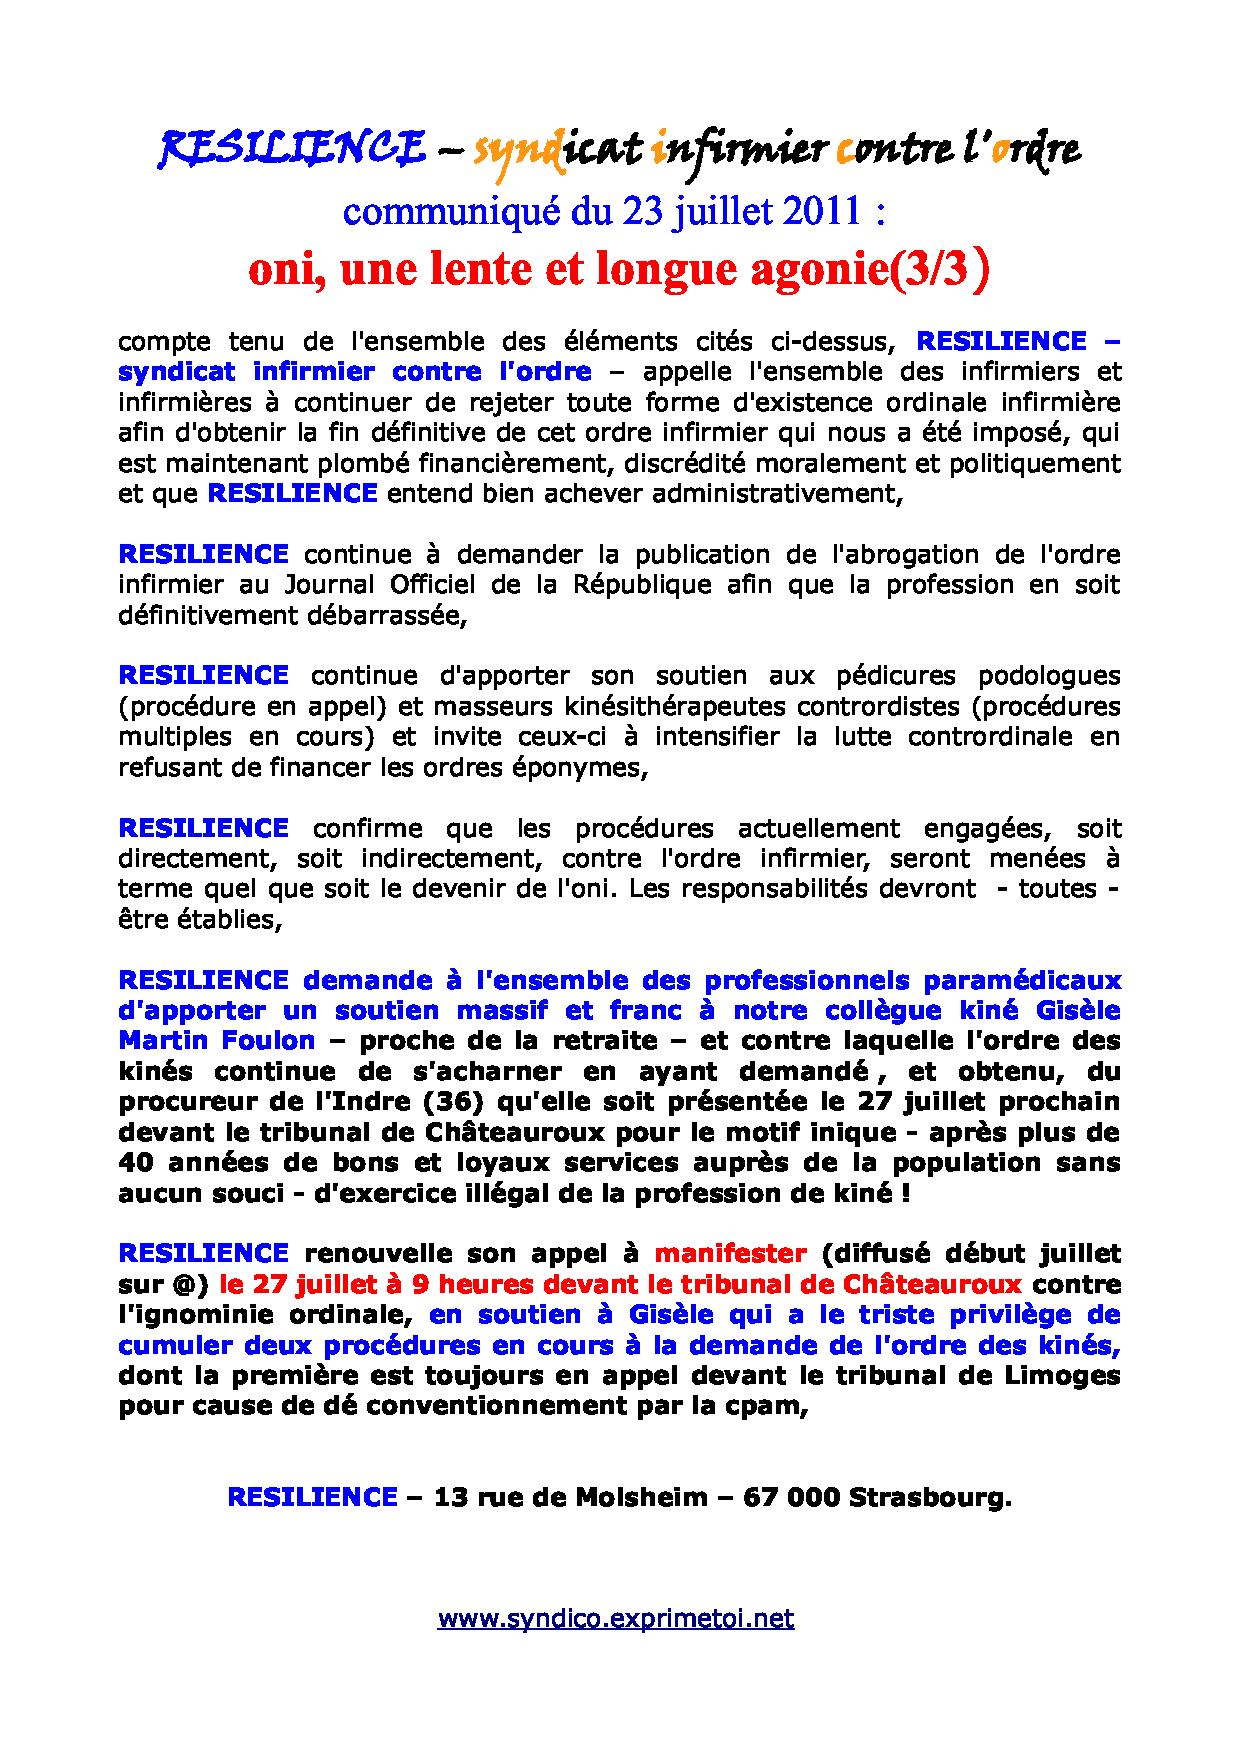 communiqué RESILIENCE du 23 juillet 2011 - ordre infirmier : une lente et longue agonie ... 1107230238211139708505153